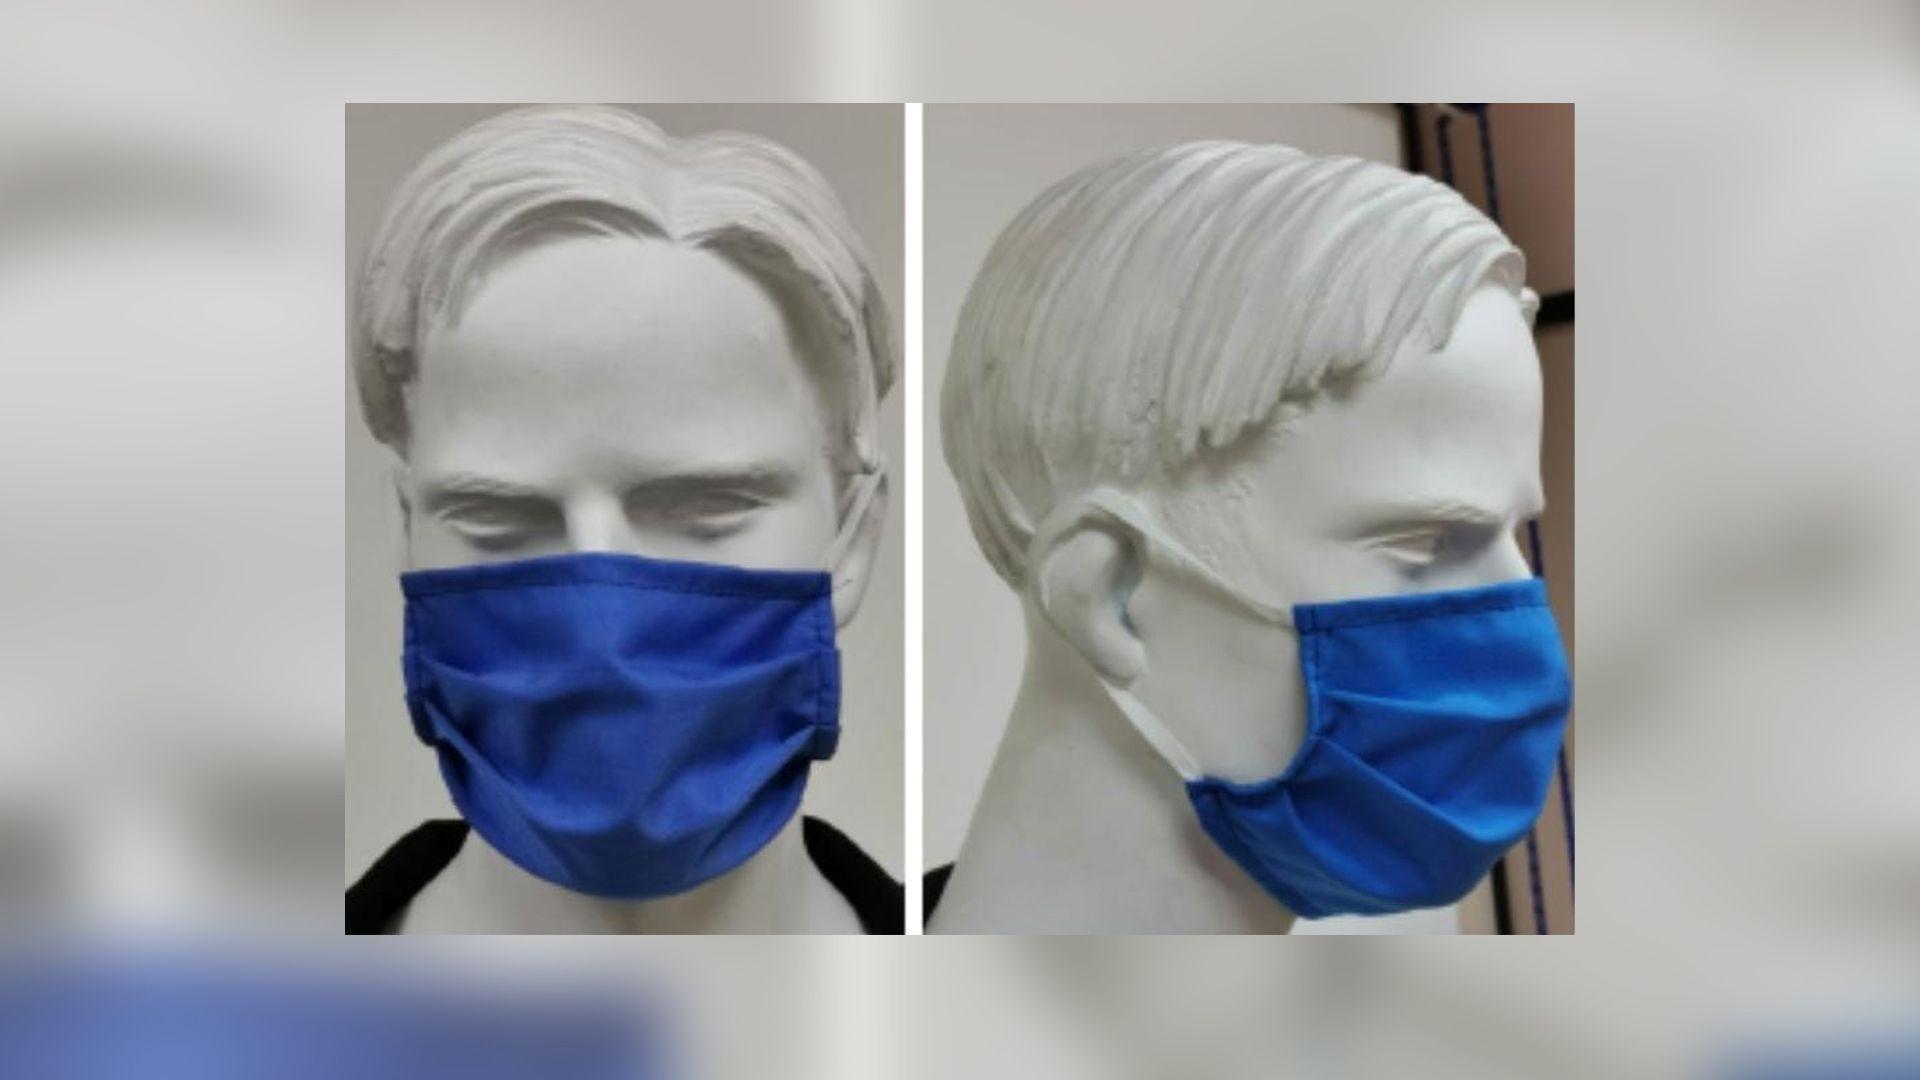 Venta de mascarillas sanitarias en Tarragona